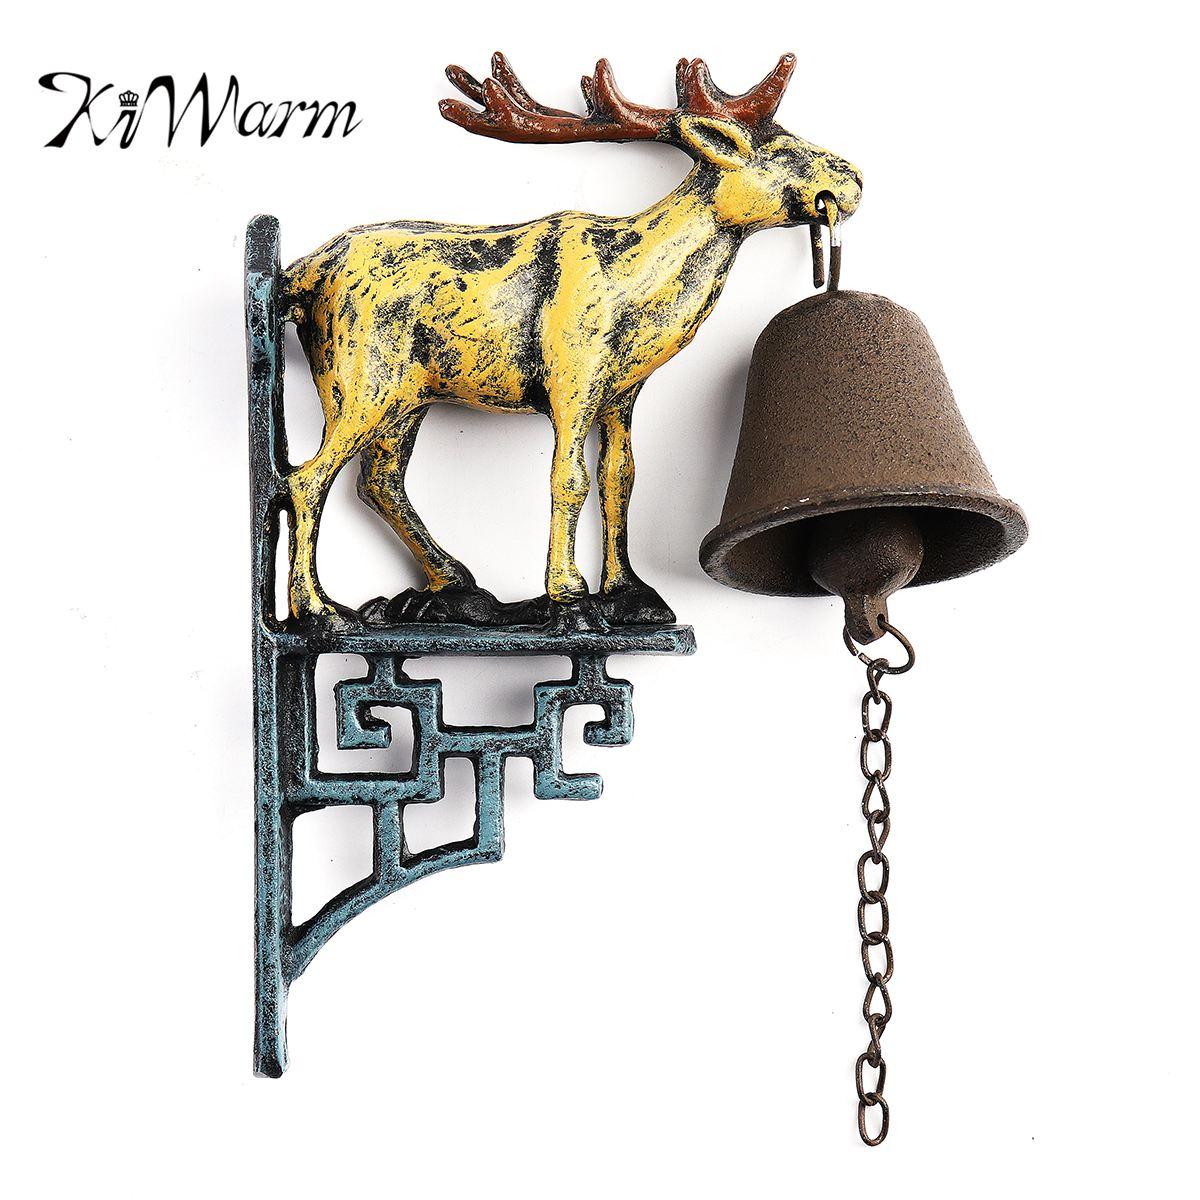 KiWarm Vintage Cast Iron Door Bell Metal Wall Mounted Stag Head Deer Antler Reindeer Design for Home Garden Hanging Ornament